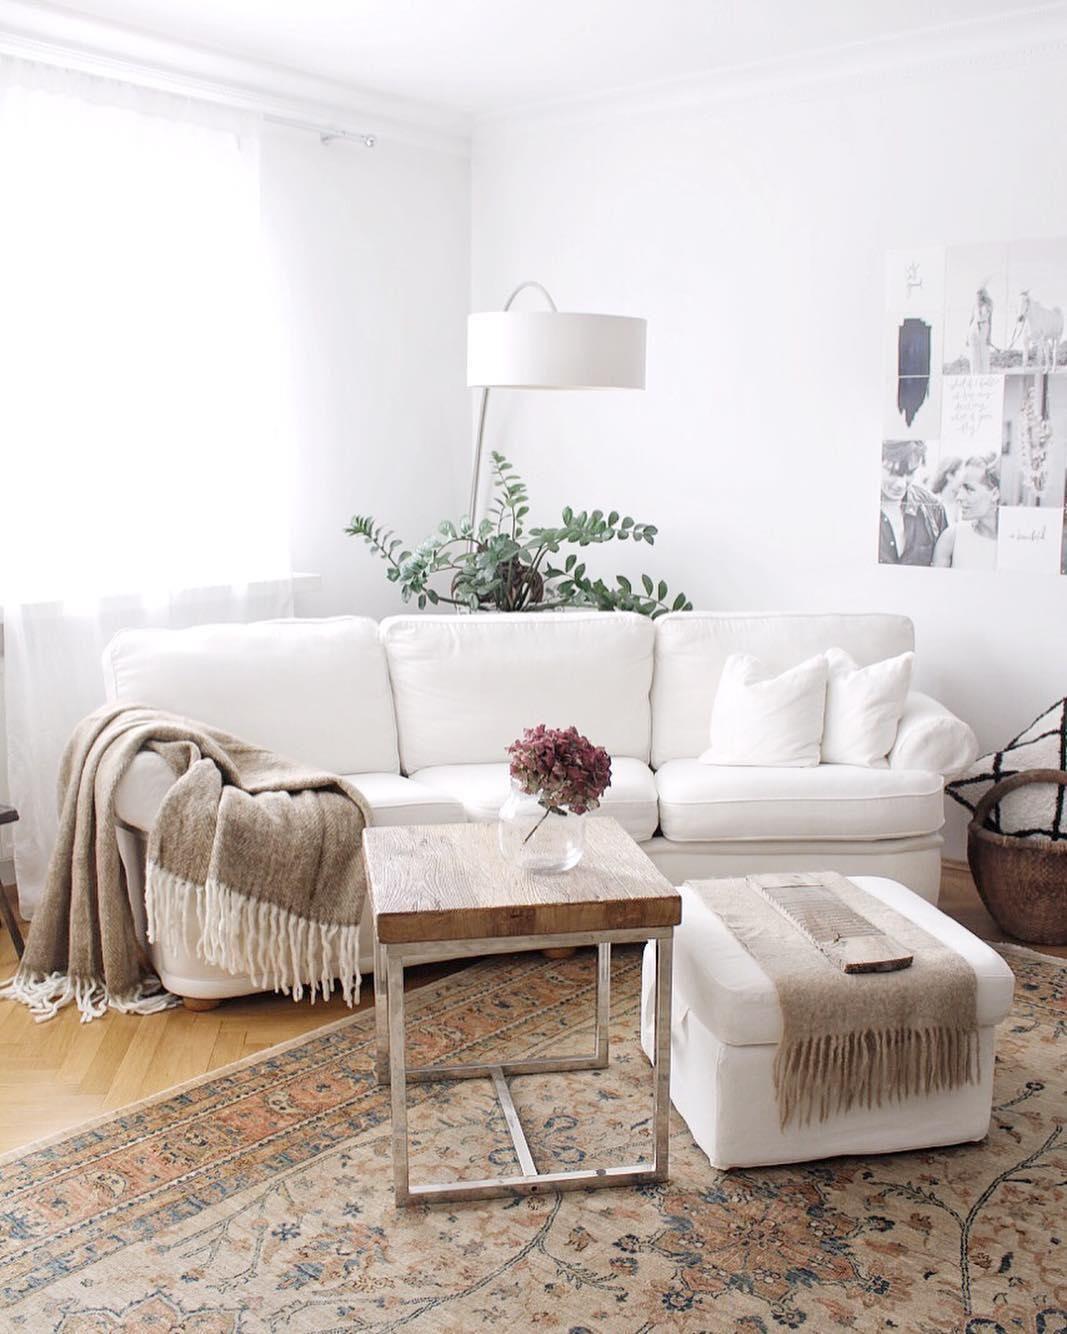 Auch Im Wohnzimmer Drfen Pflanzen Und Frische Blumen Nicht Fehlen Dekoriert  Auf Dem Rustikalen Couchtisch With Wohnzimmer Naturtne